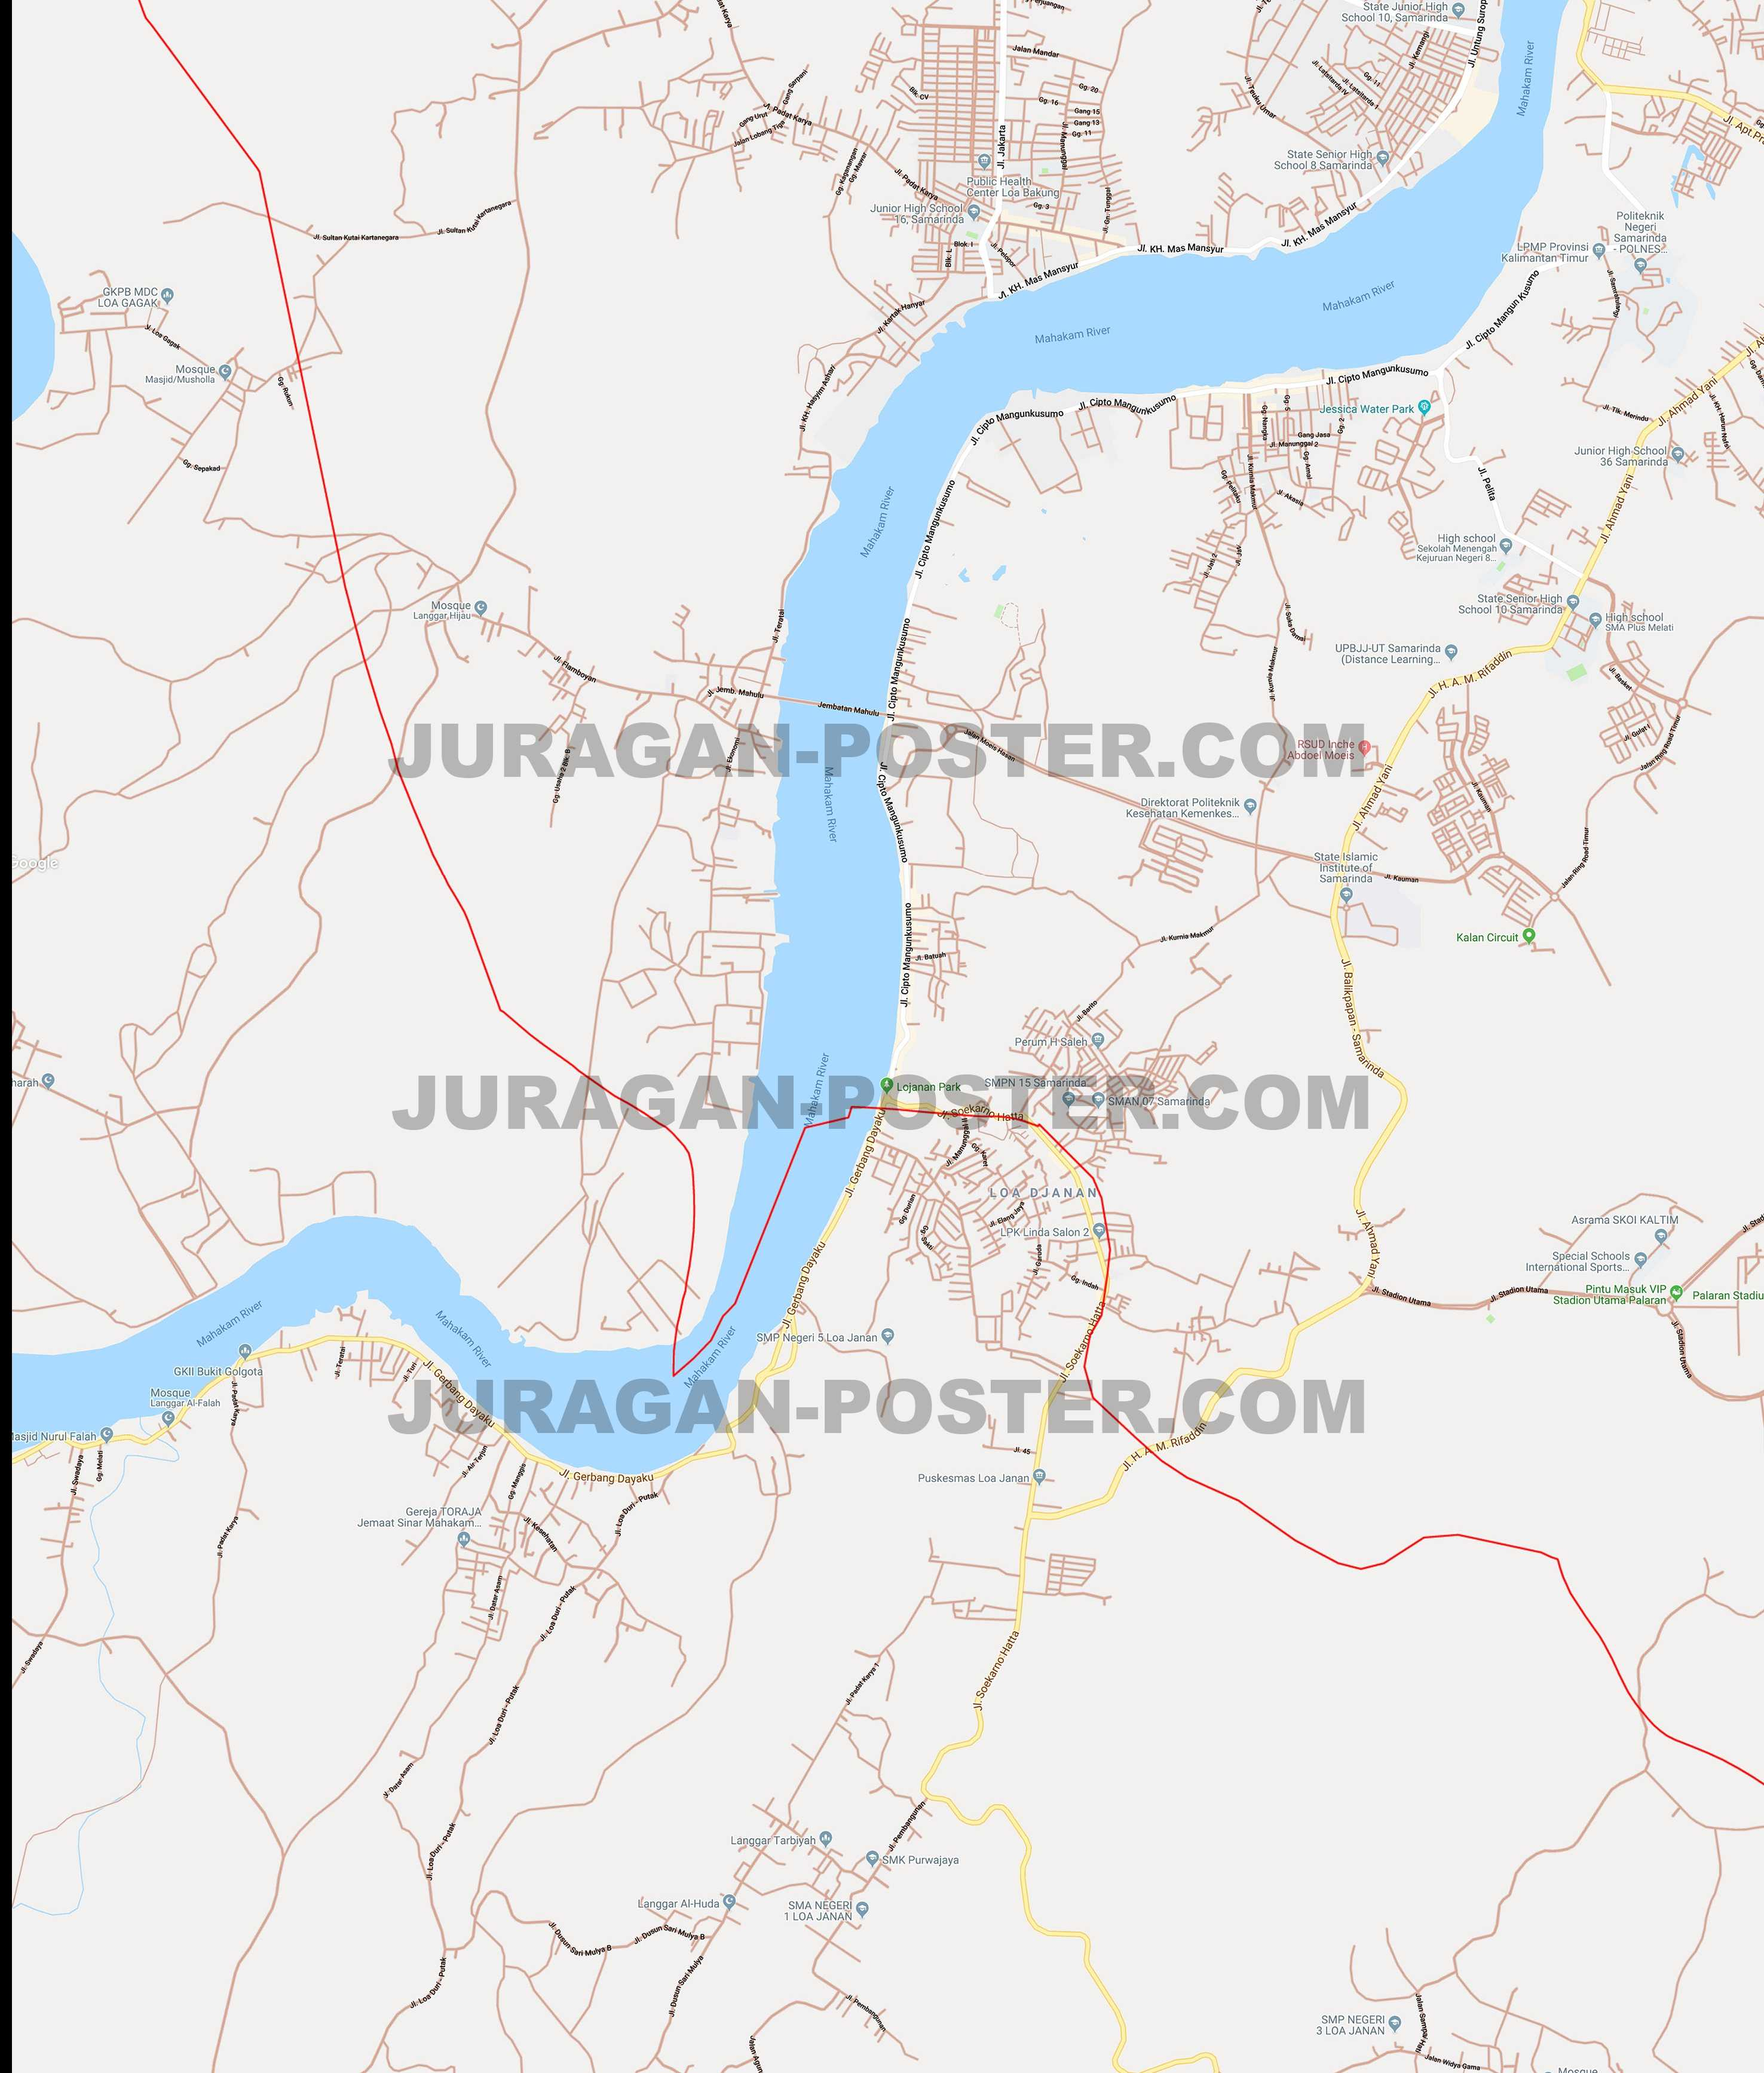 Jual Peta Kota Samarinda ukuran besar – Jual Poster di